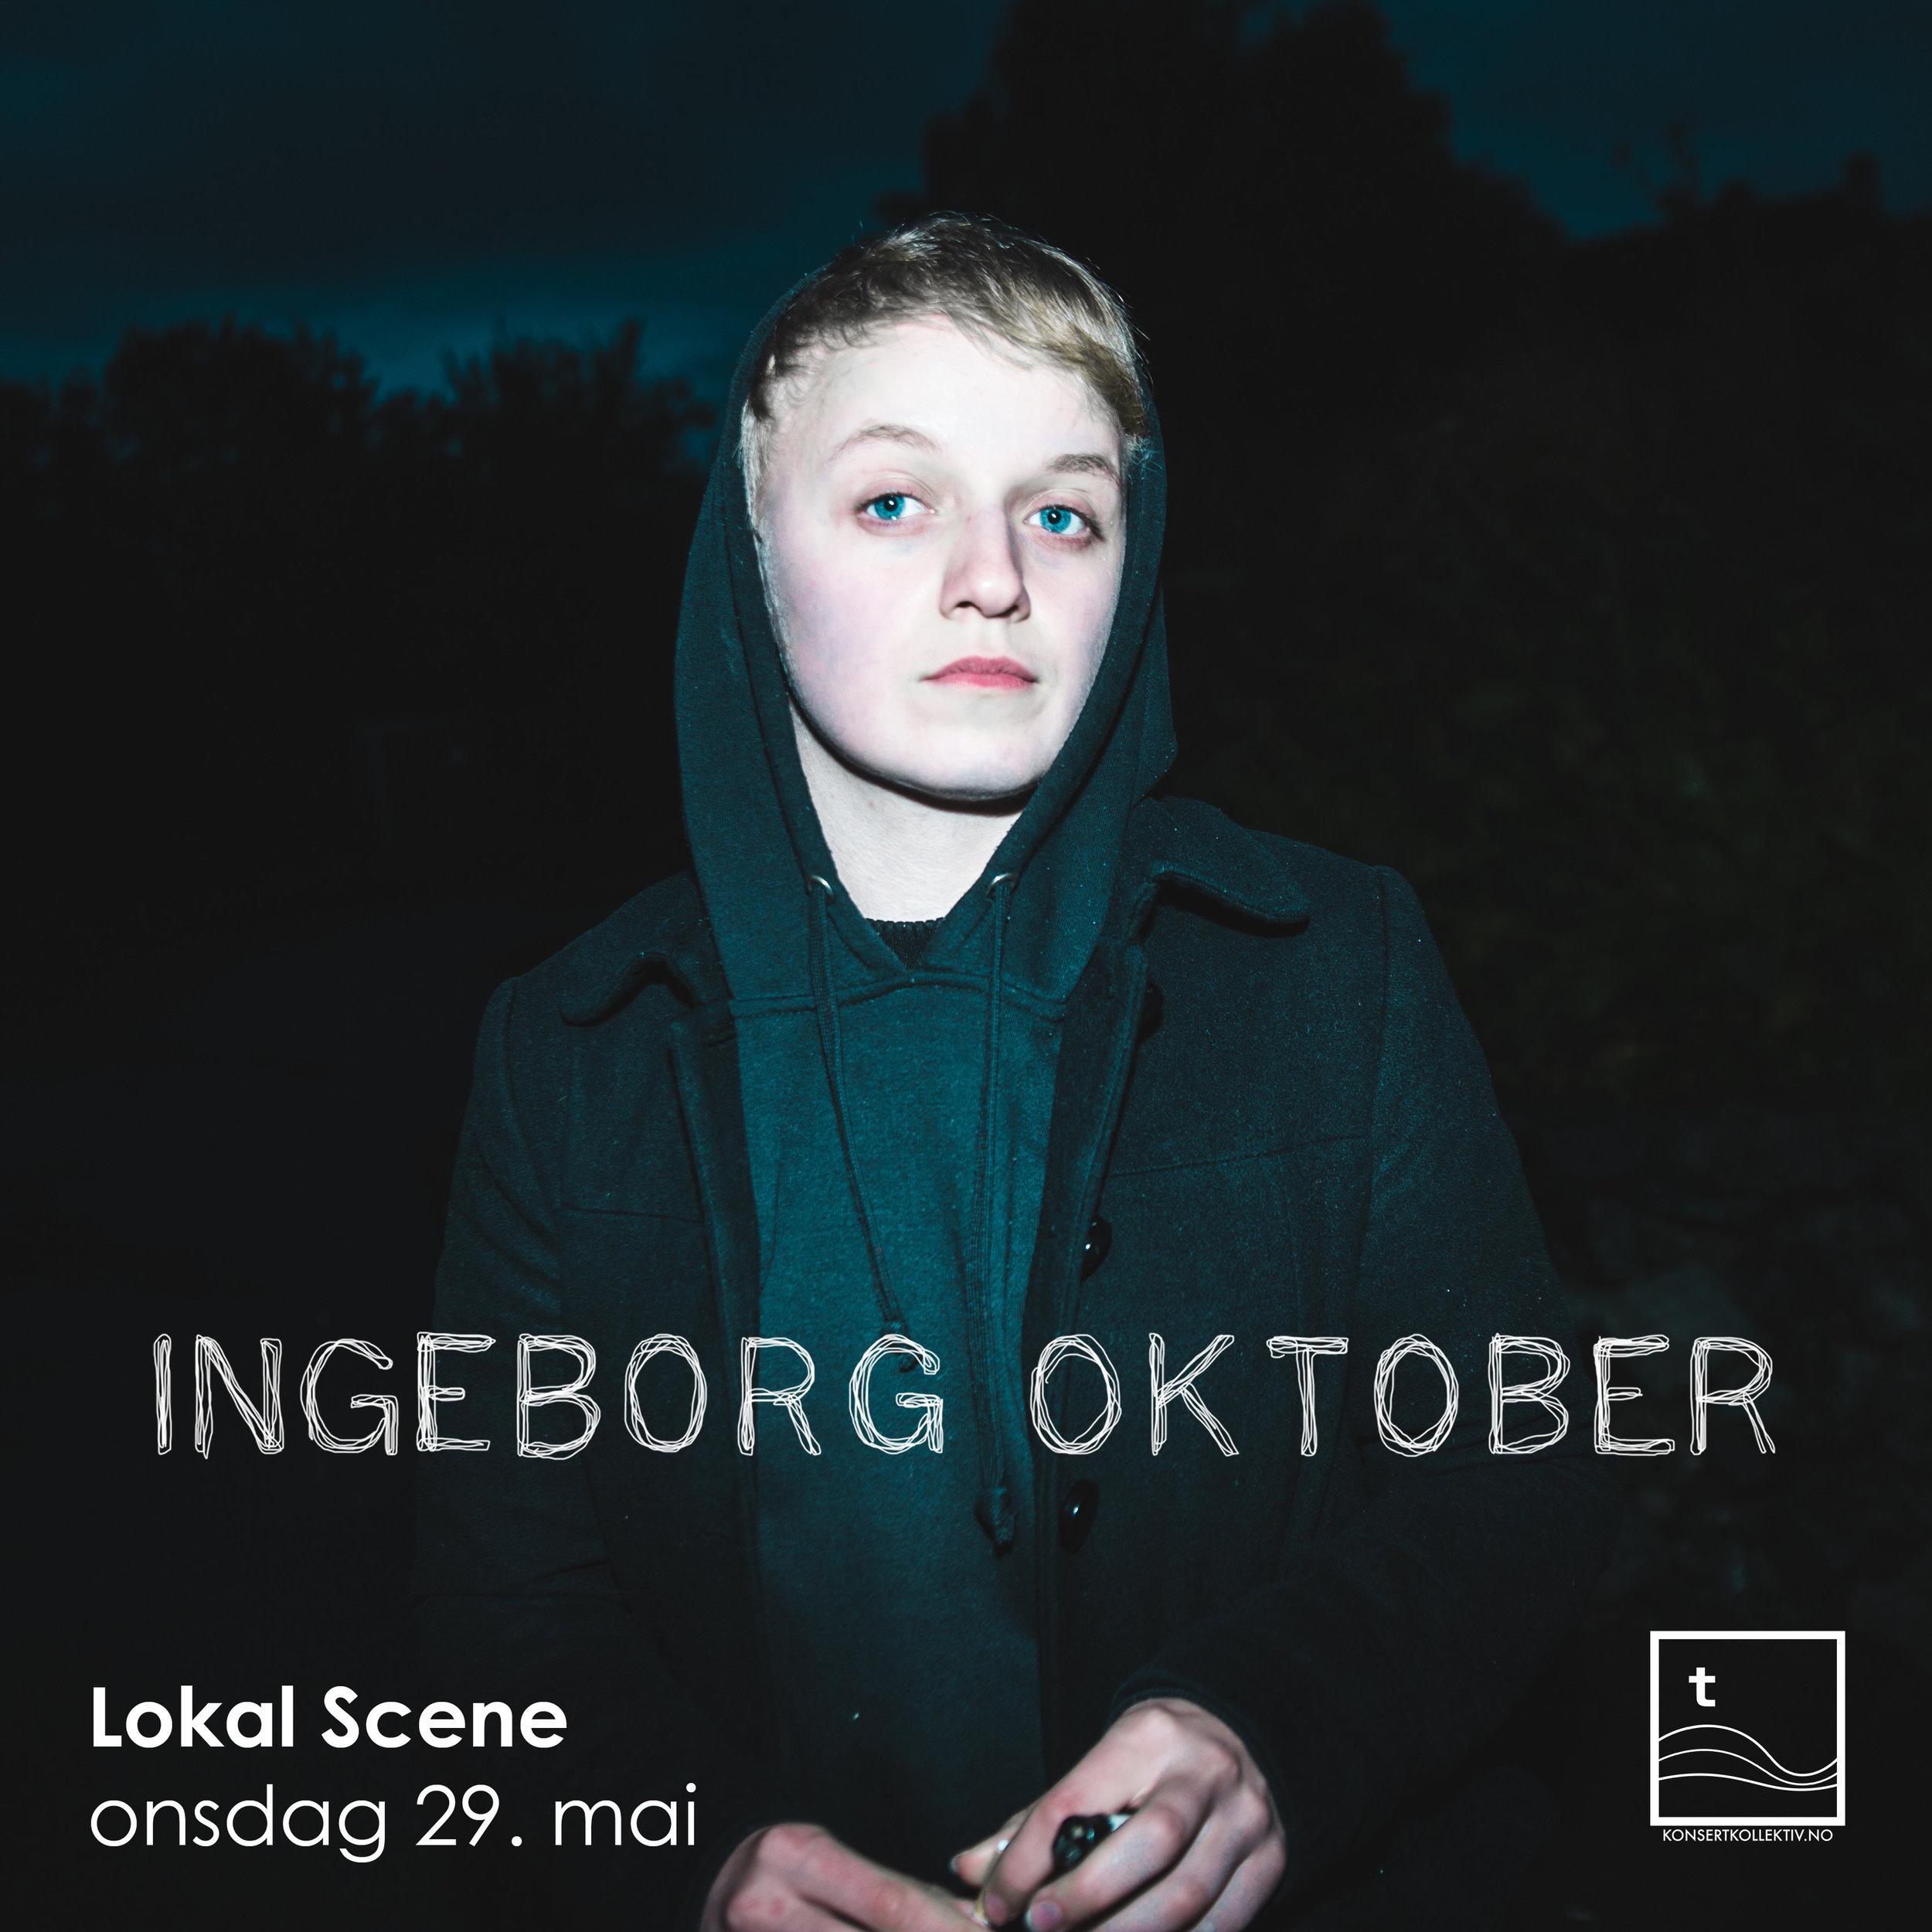 Ingeborg oktober insta.jpg